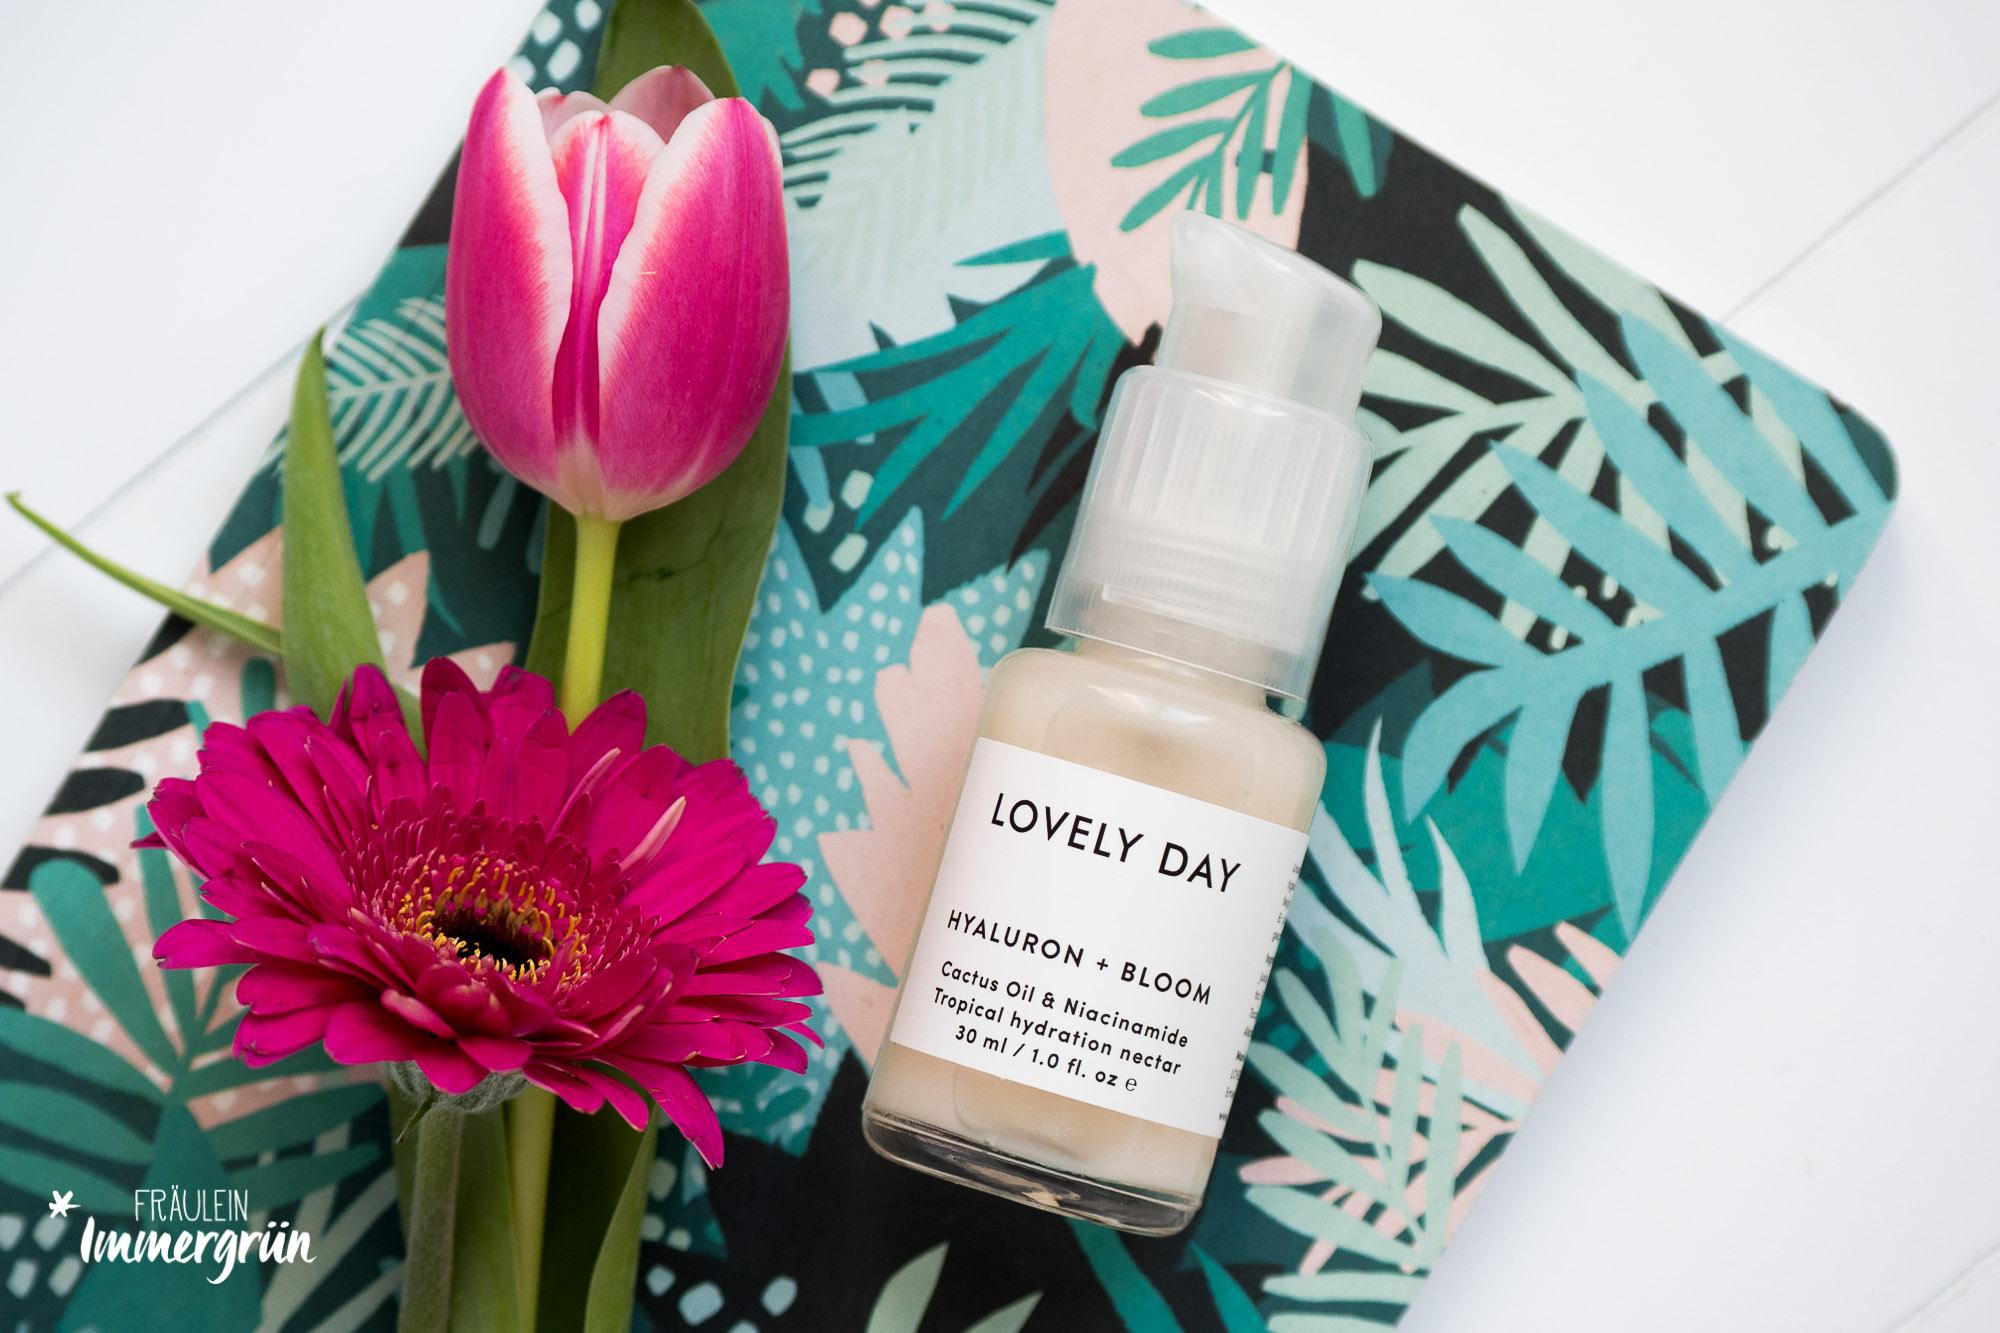 Naturkosmetik für sensible Haut: Glow und Feuchtigkeit mit Lovely Day Botanicals | Hyaluron + Bloom Tropical Hydration Nectar